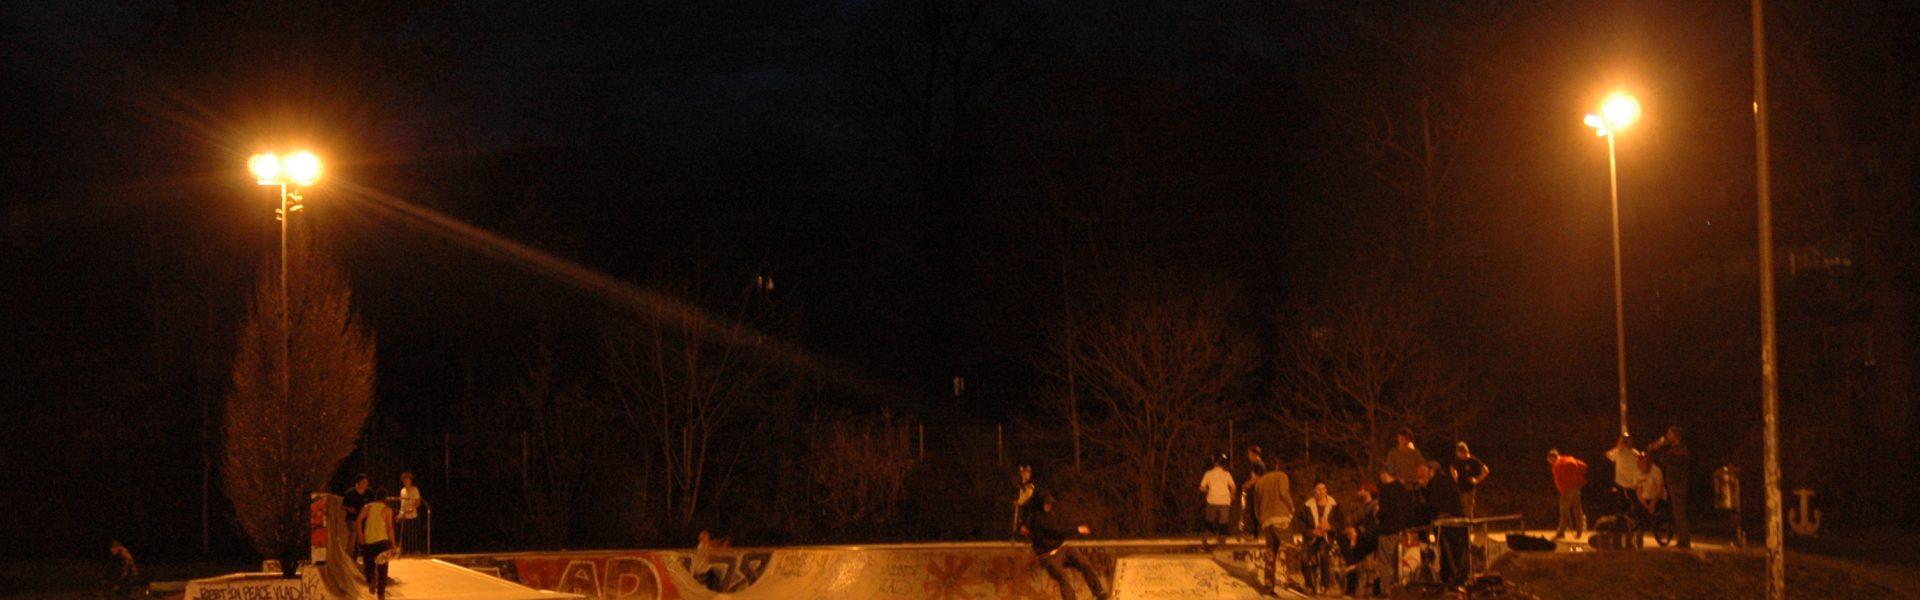 Flutlichtpark